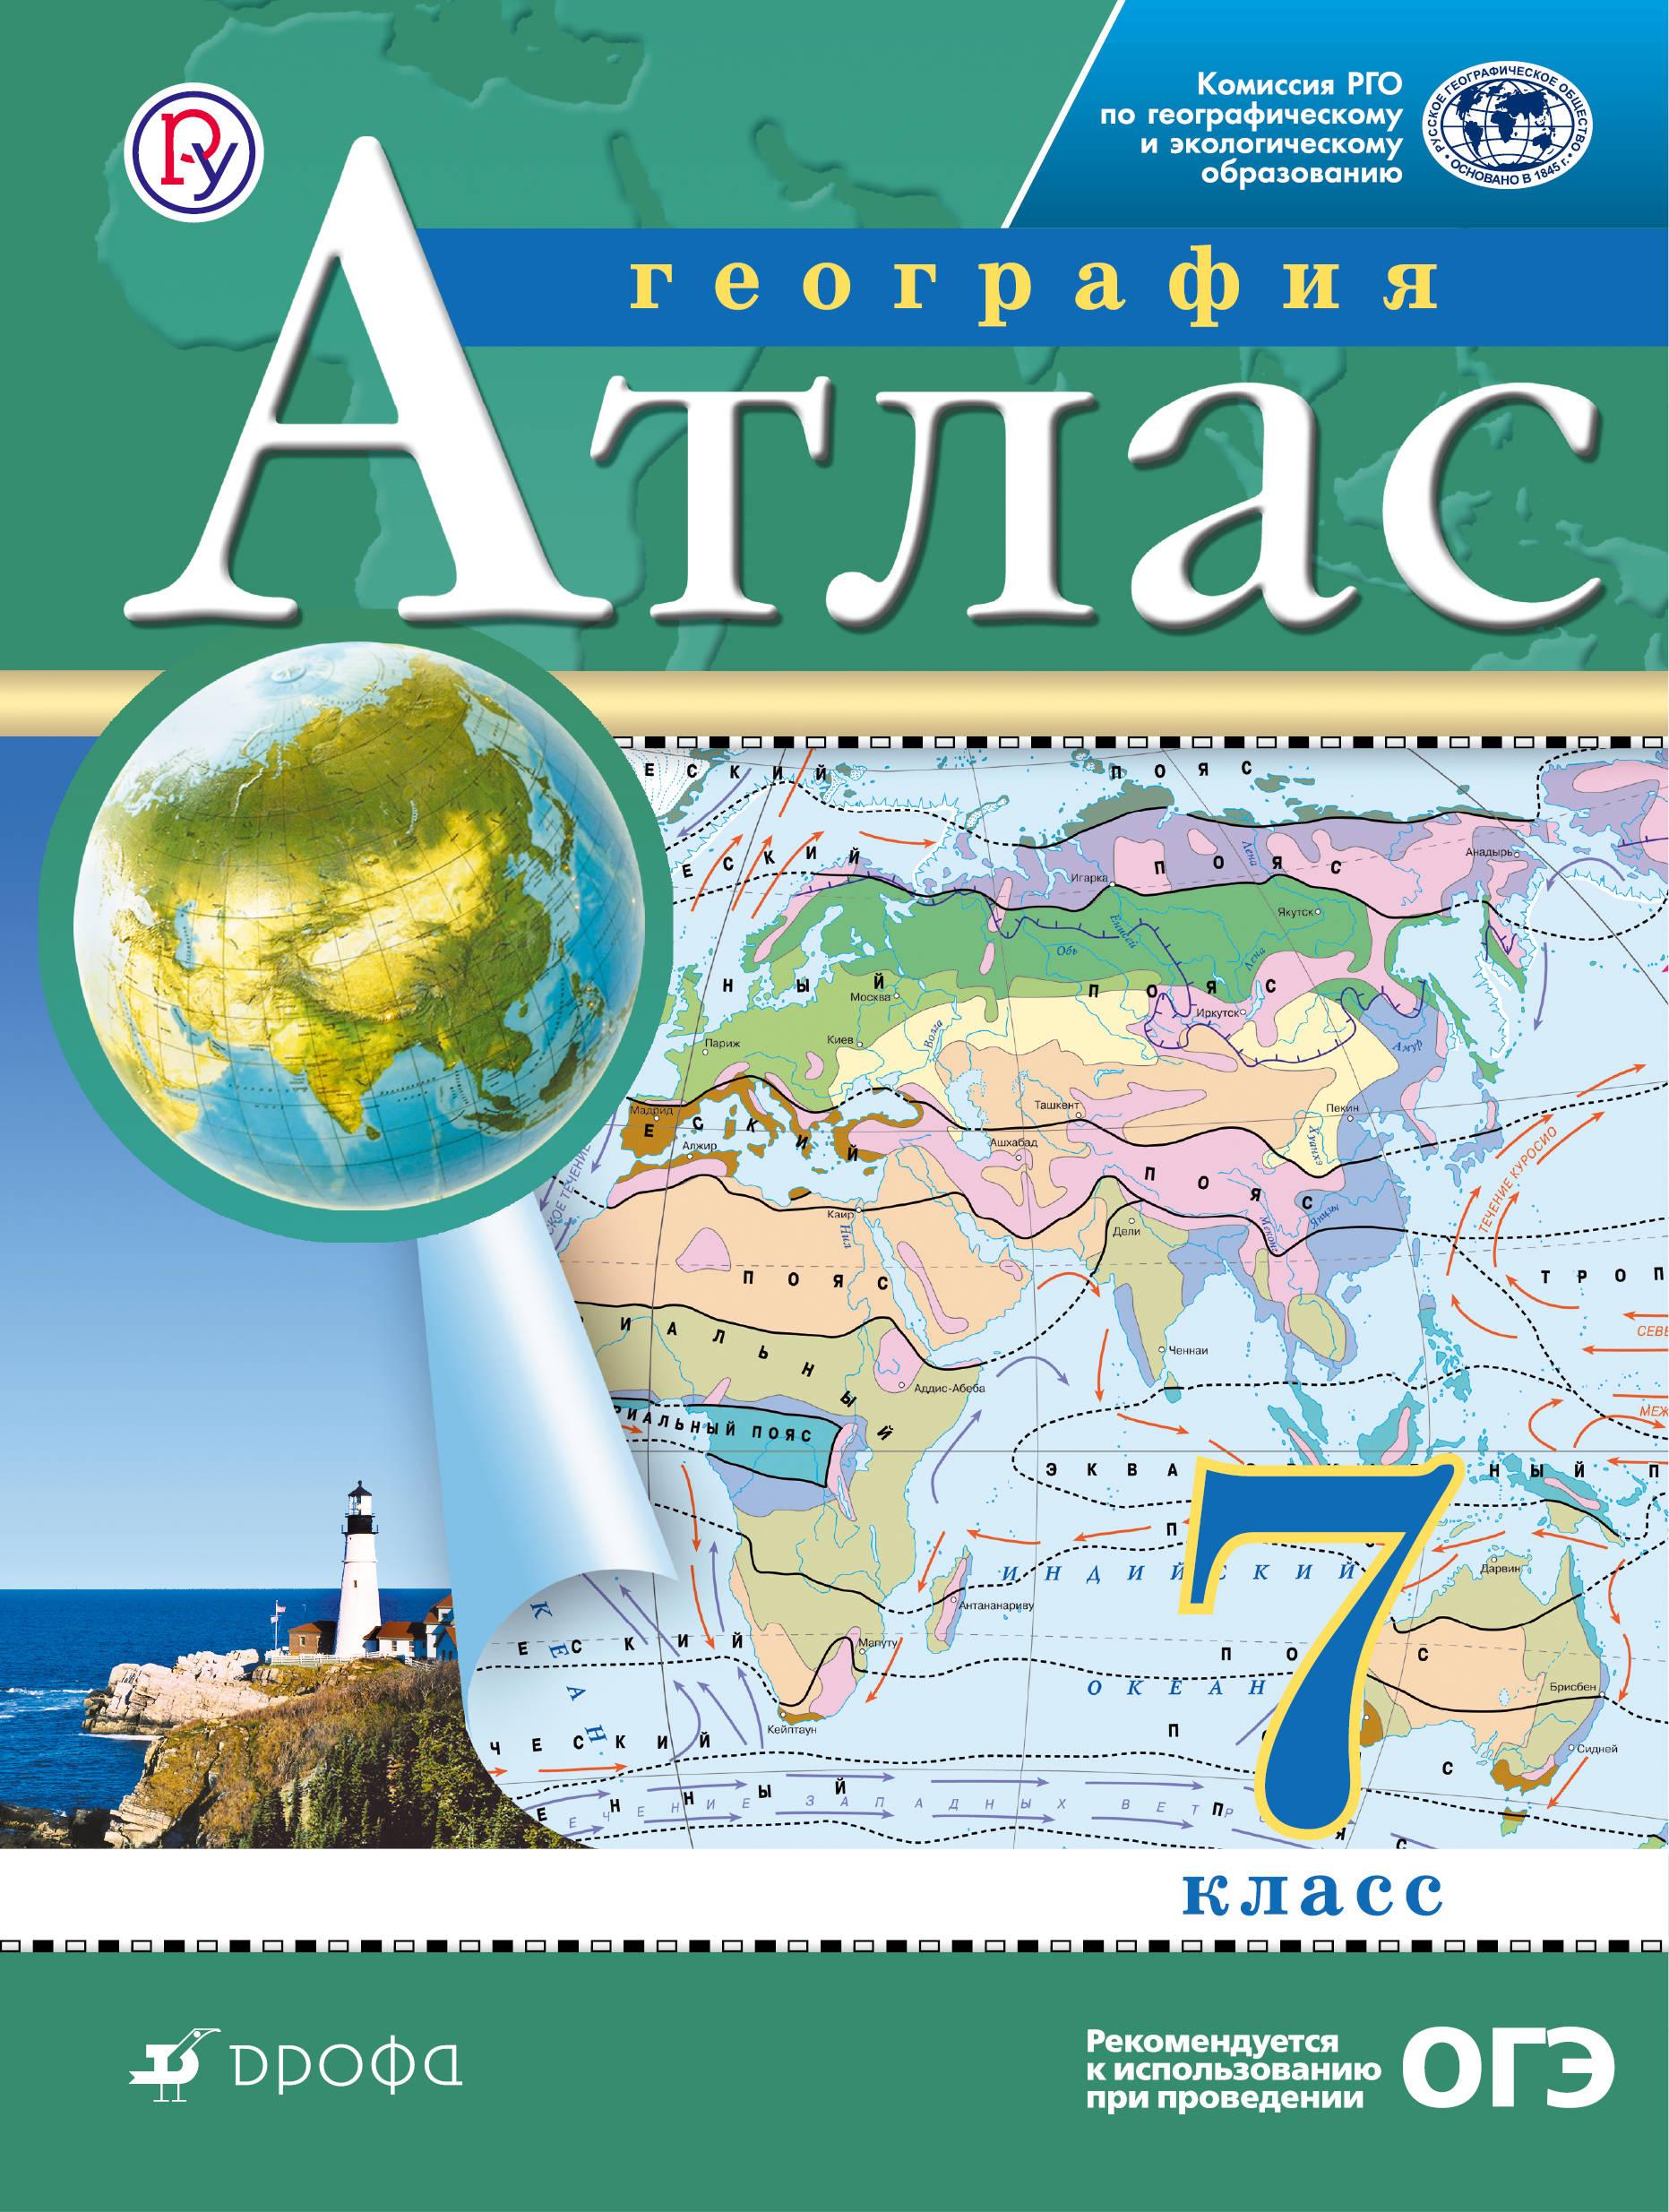 География. 7 класс. Атлас. (Традиционный комплект)(РГО) словарь школьника по физической географии